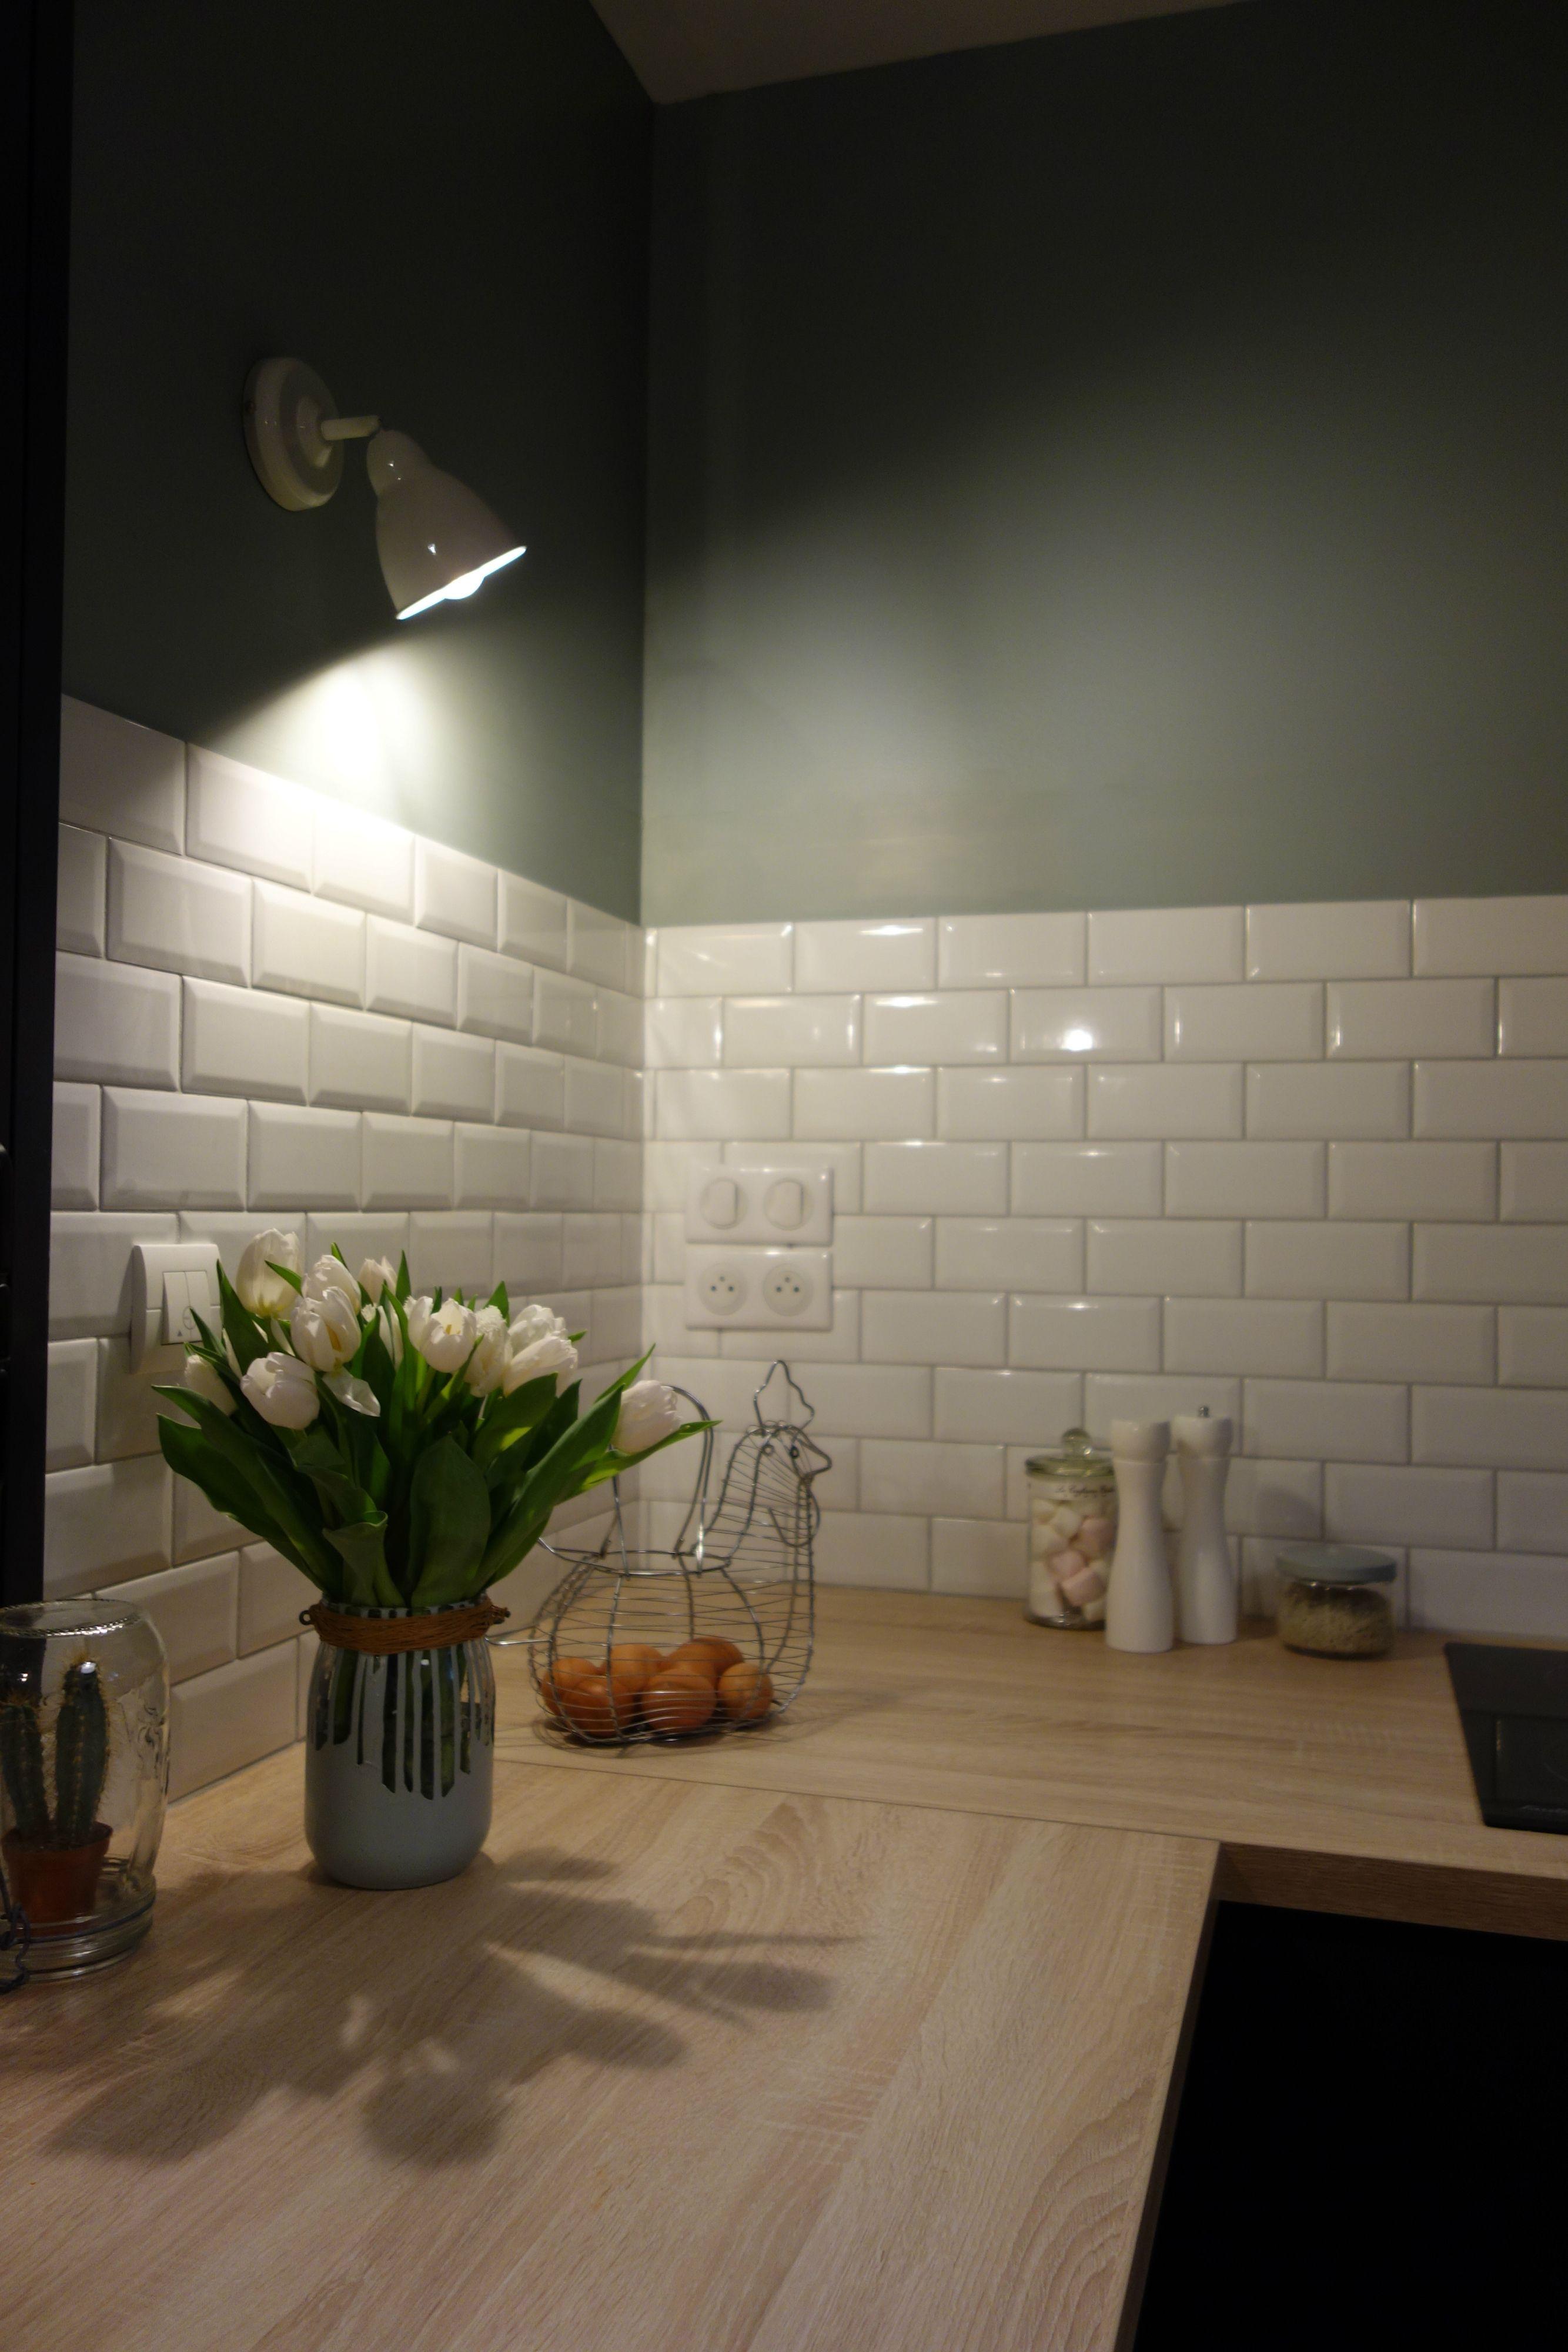 cuisine carrelage carreaux m tro couleur vert de gris. Black Bedroom Furniture Sets. Home Design Ideas